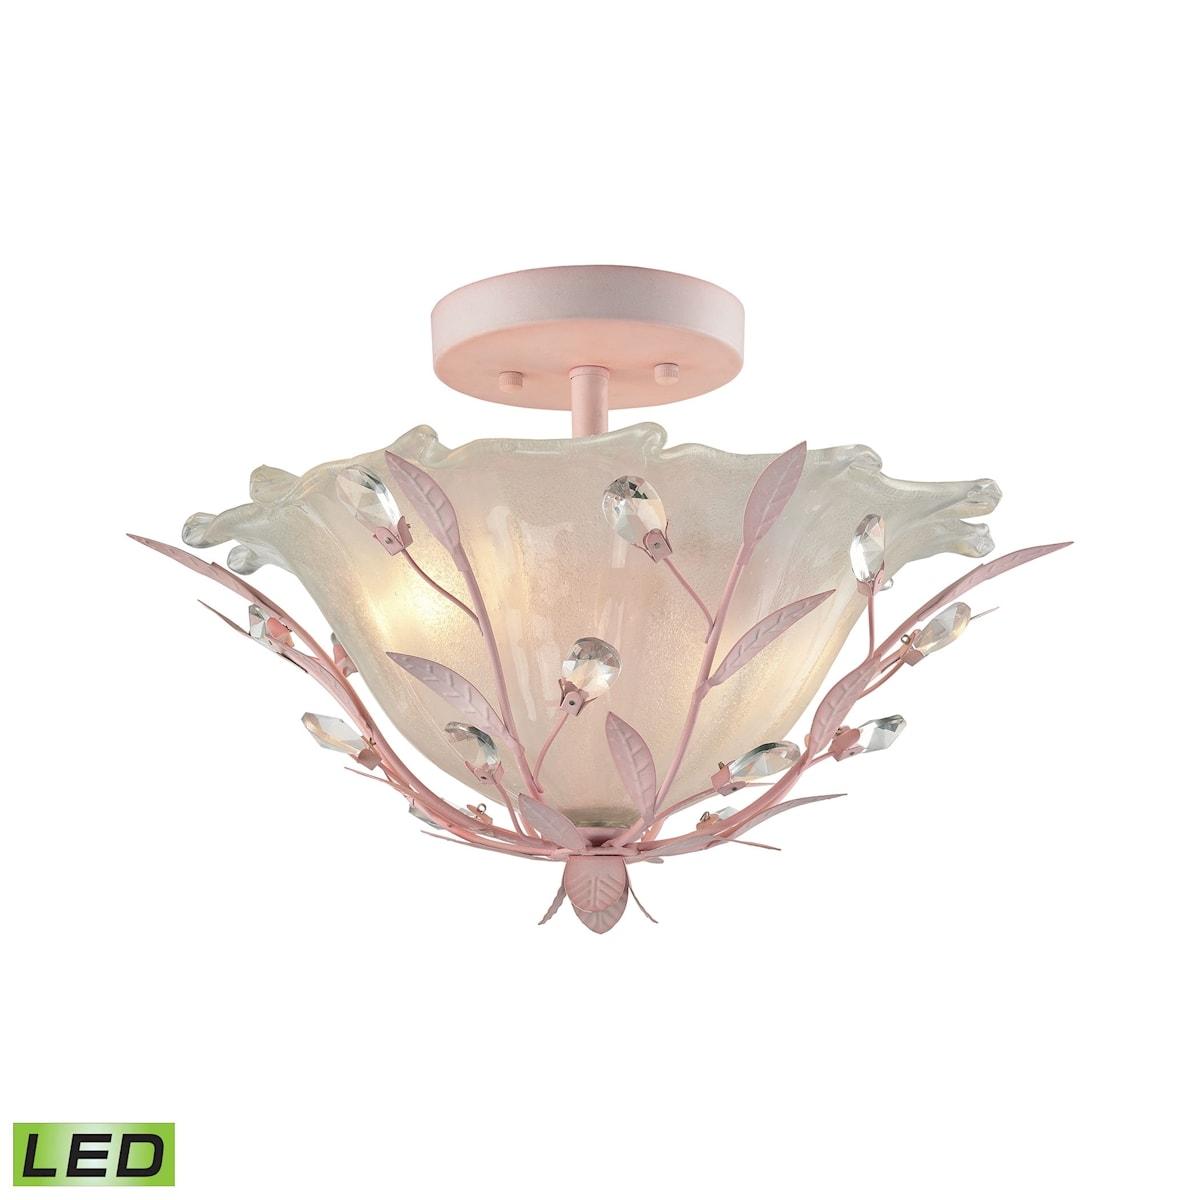 EL-18151/2-LED_Circeo 2 Light LED Semi Flush in Light Pink